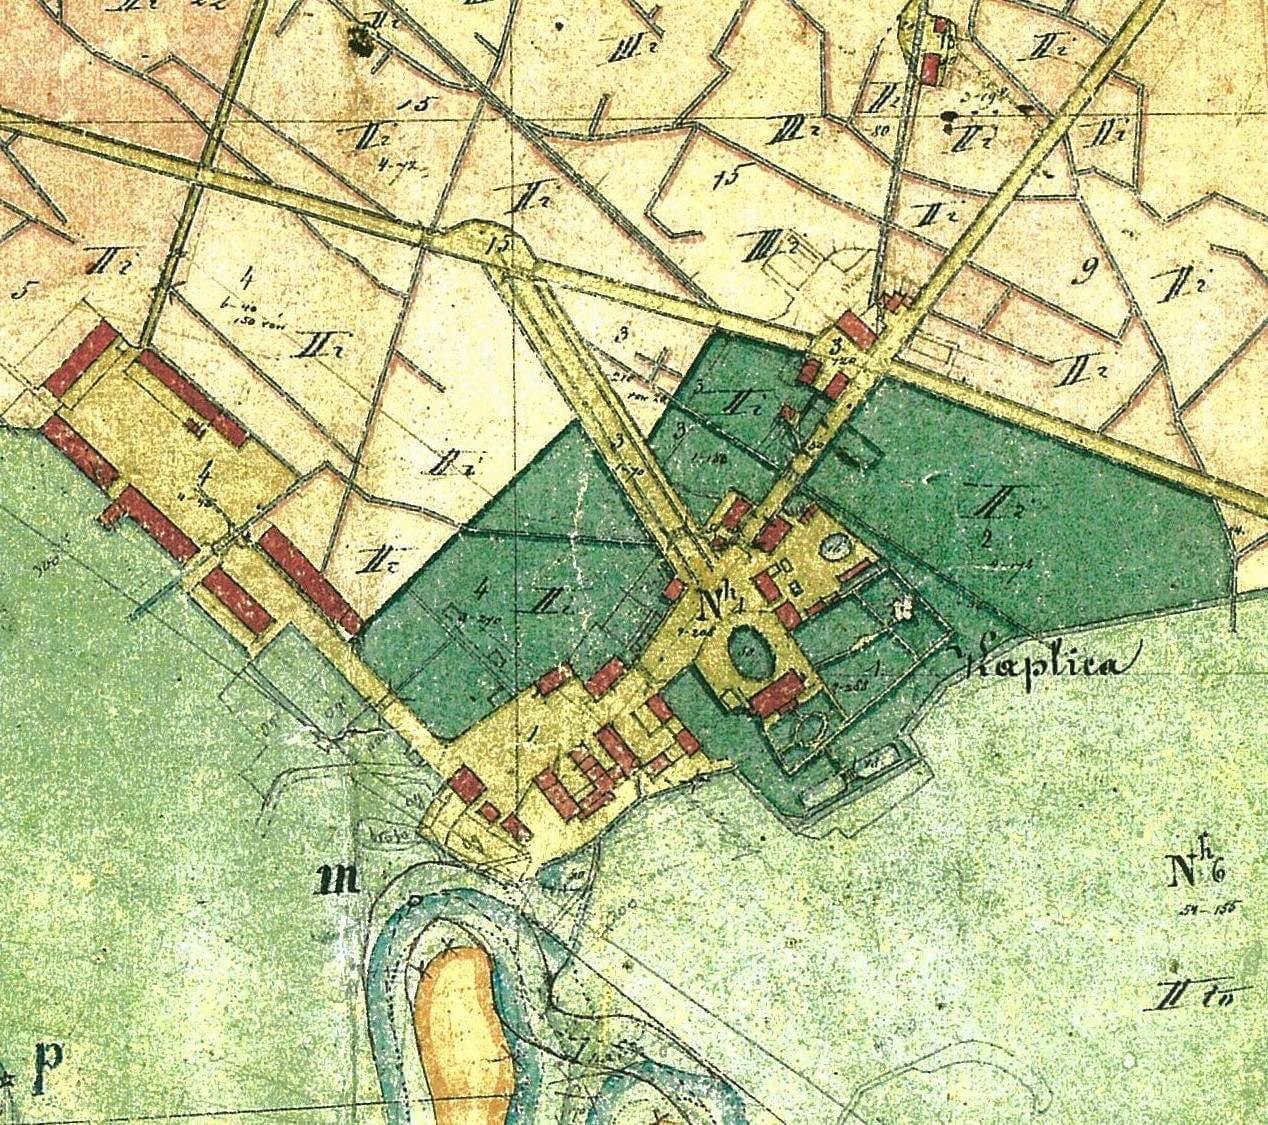 Seniausias Antanavo žemėlapis (1854 metai)